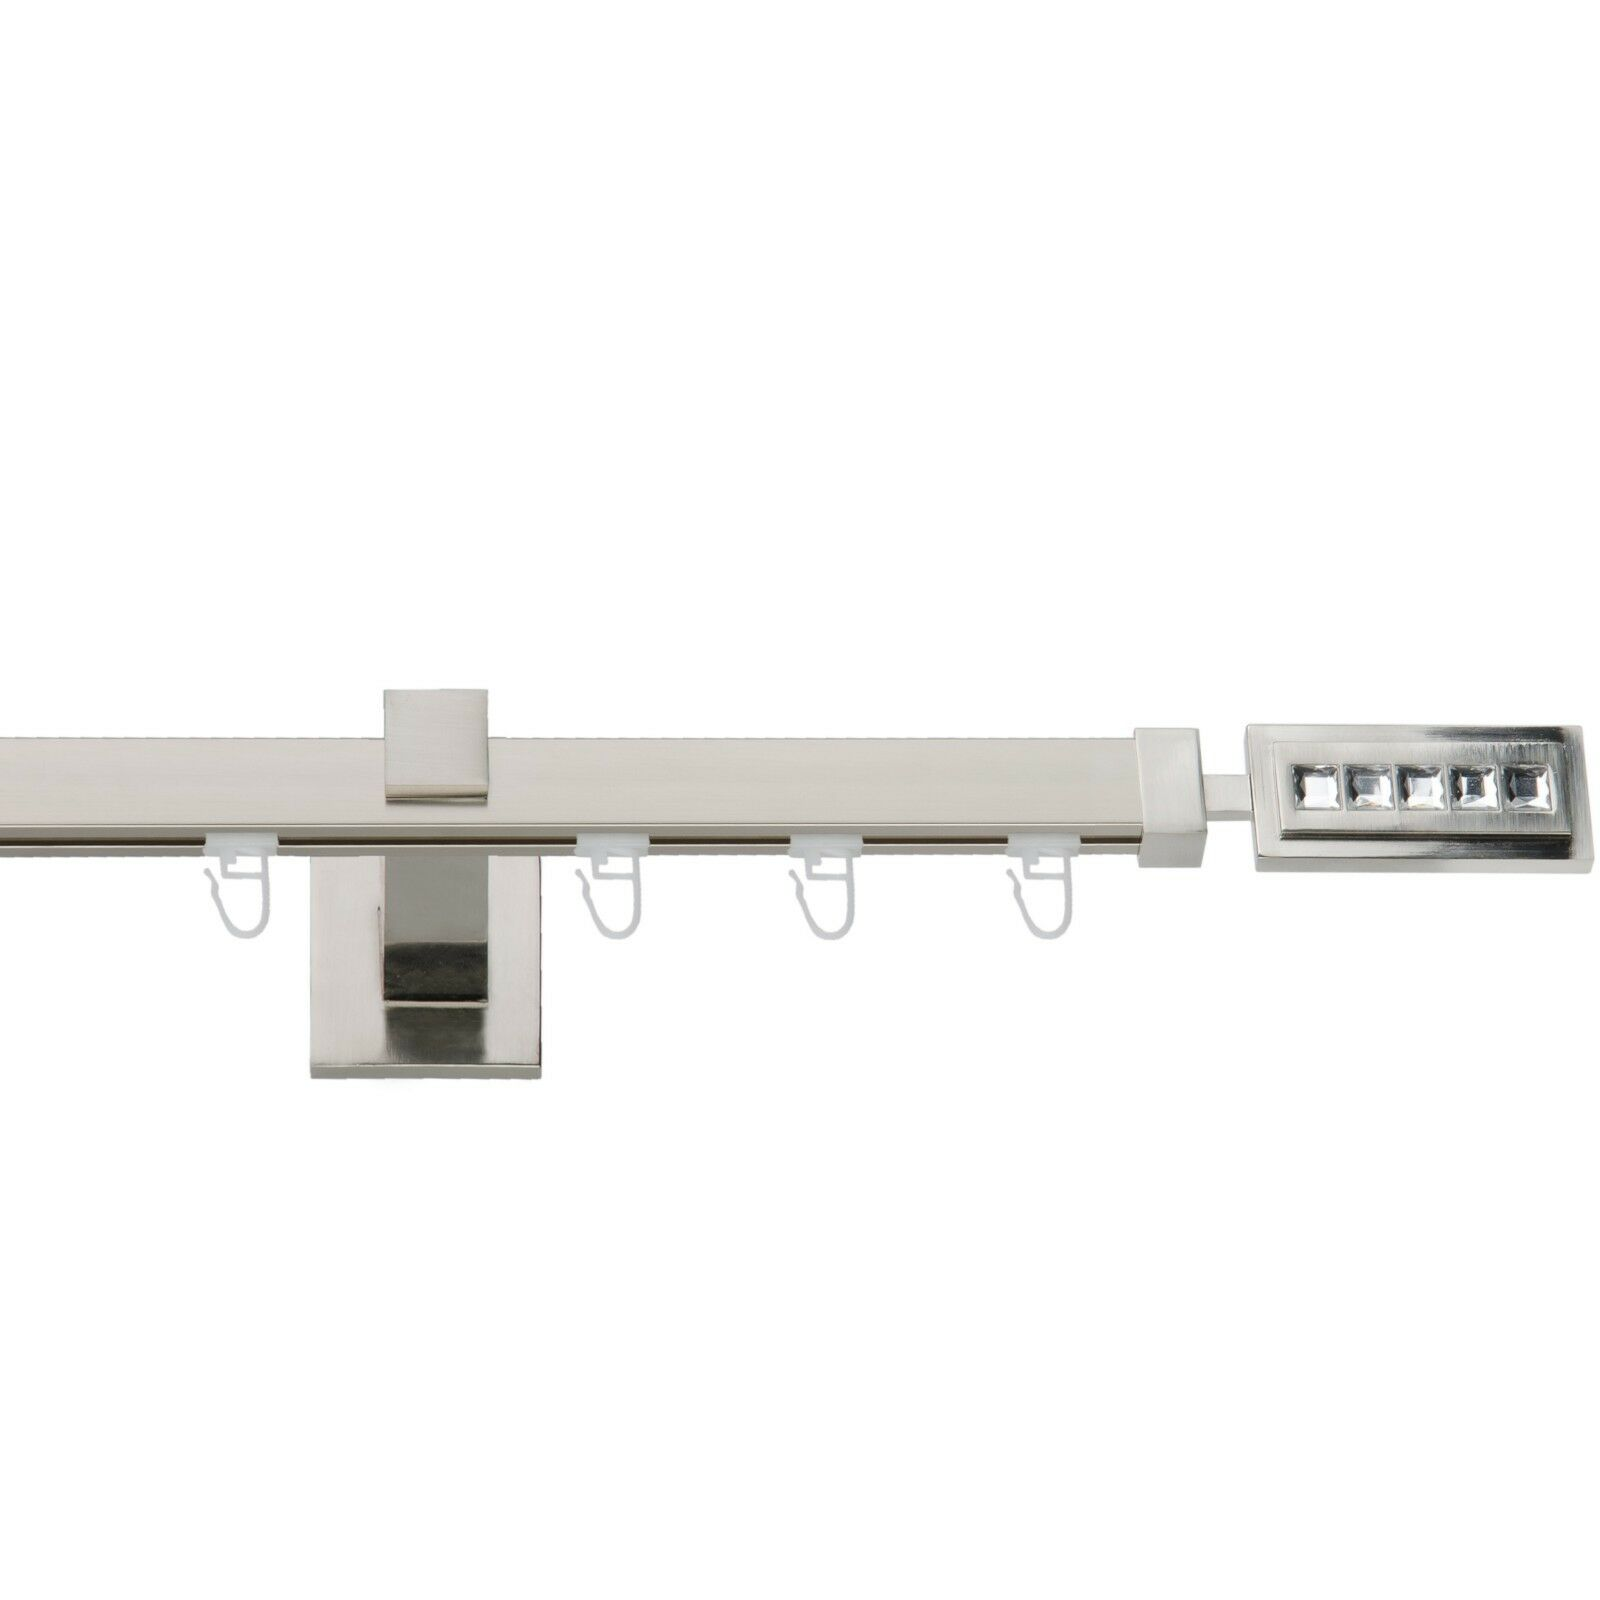 Gardinenstange Quadrat Innenlauf 20 20mm 20mm 20mm Edelstahllook,1 2-läufig, Topqualität  | Hohe Qualität und günstig  770380